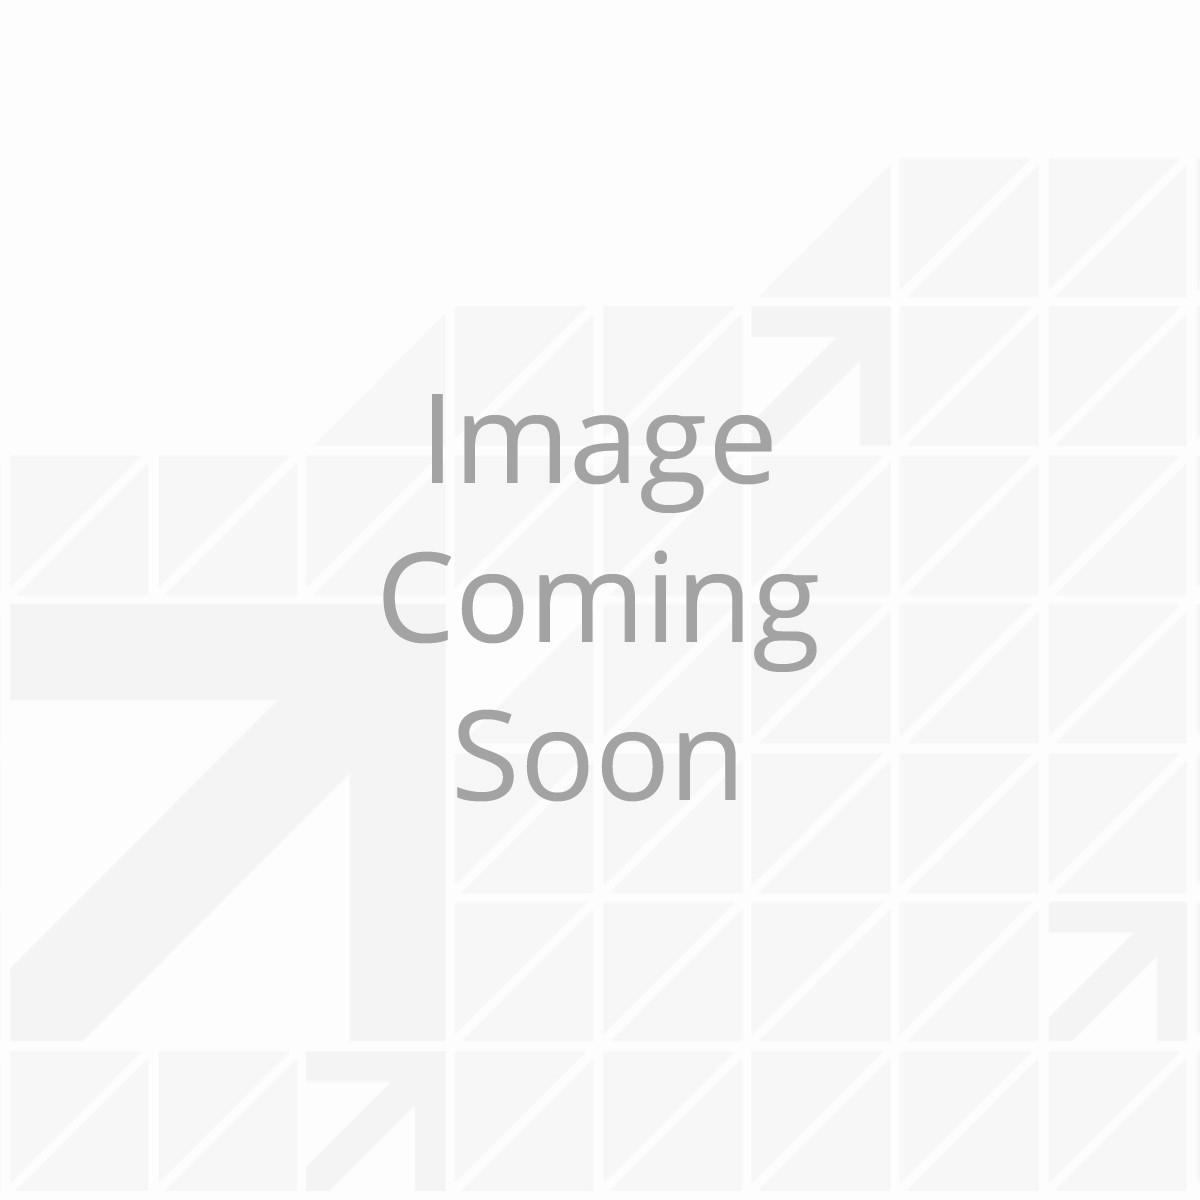 280480_-_oil_cap_-_001